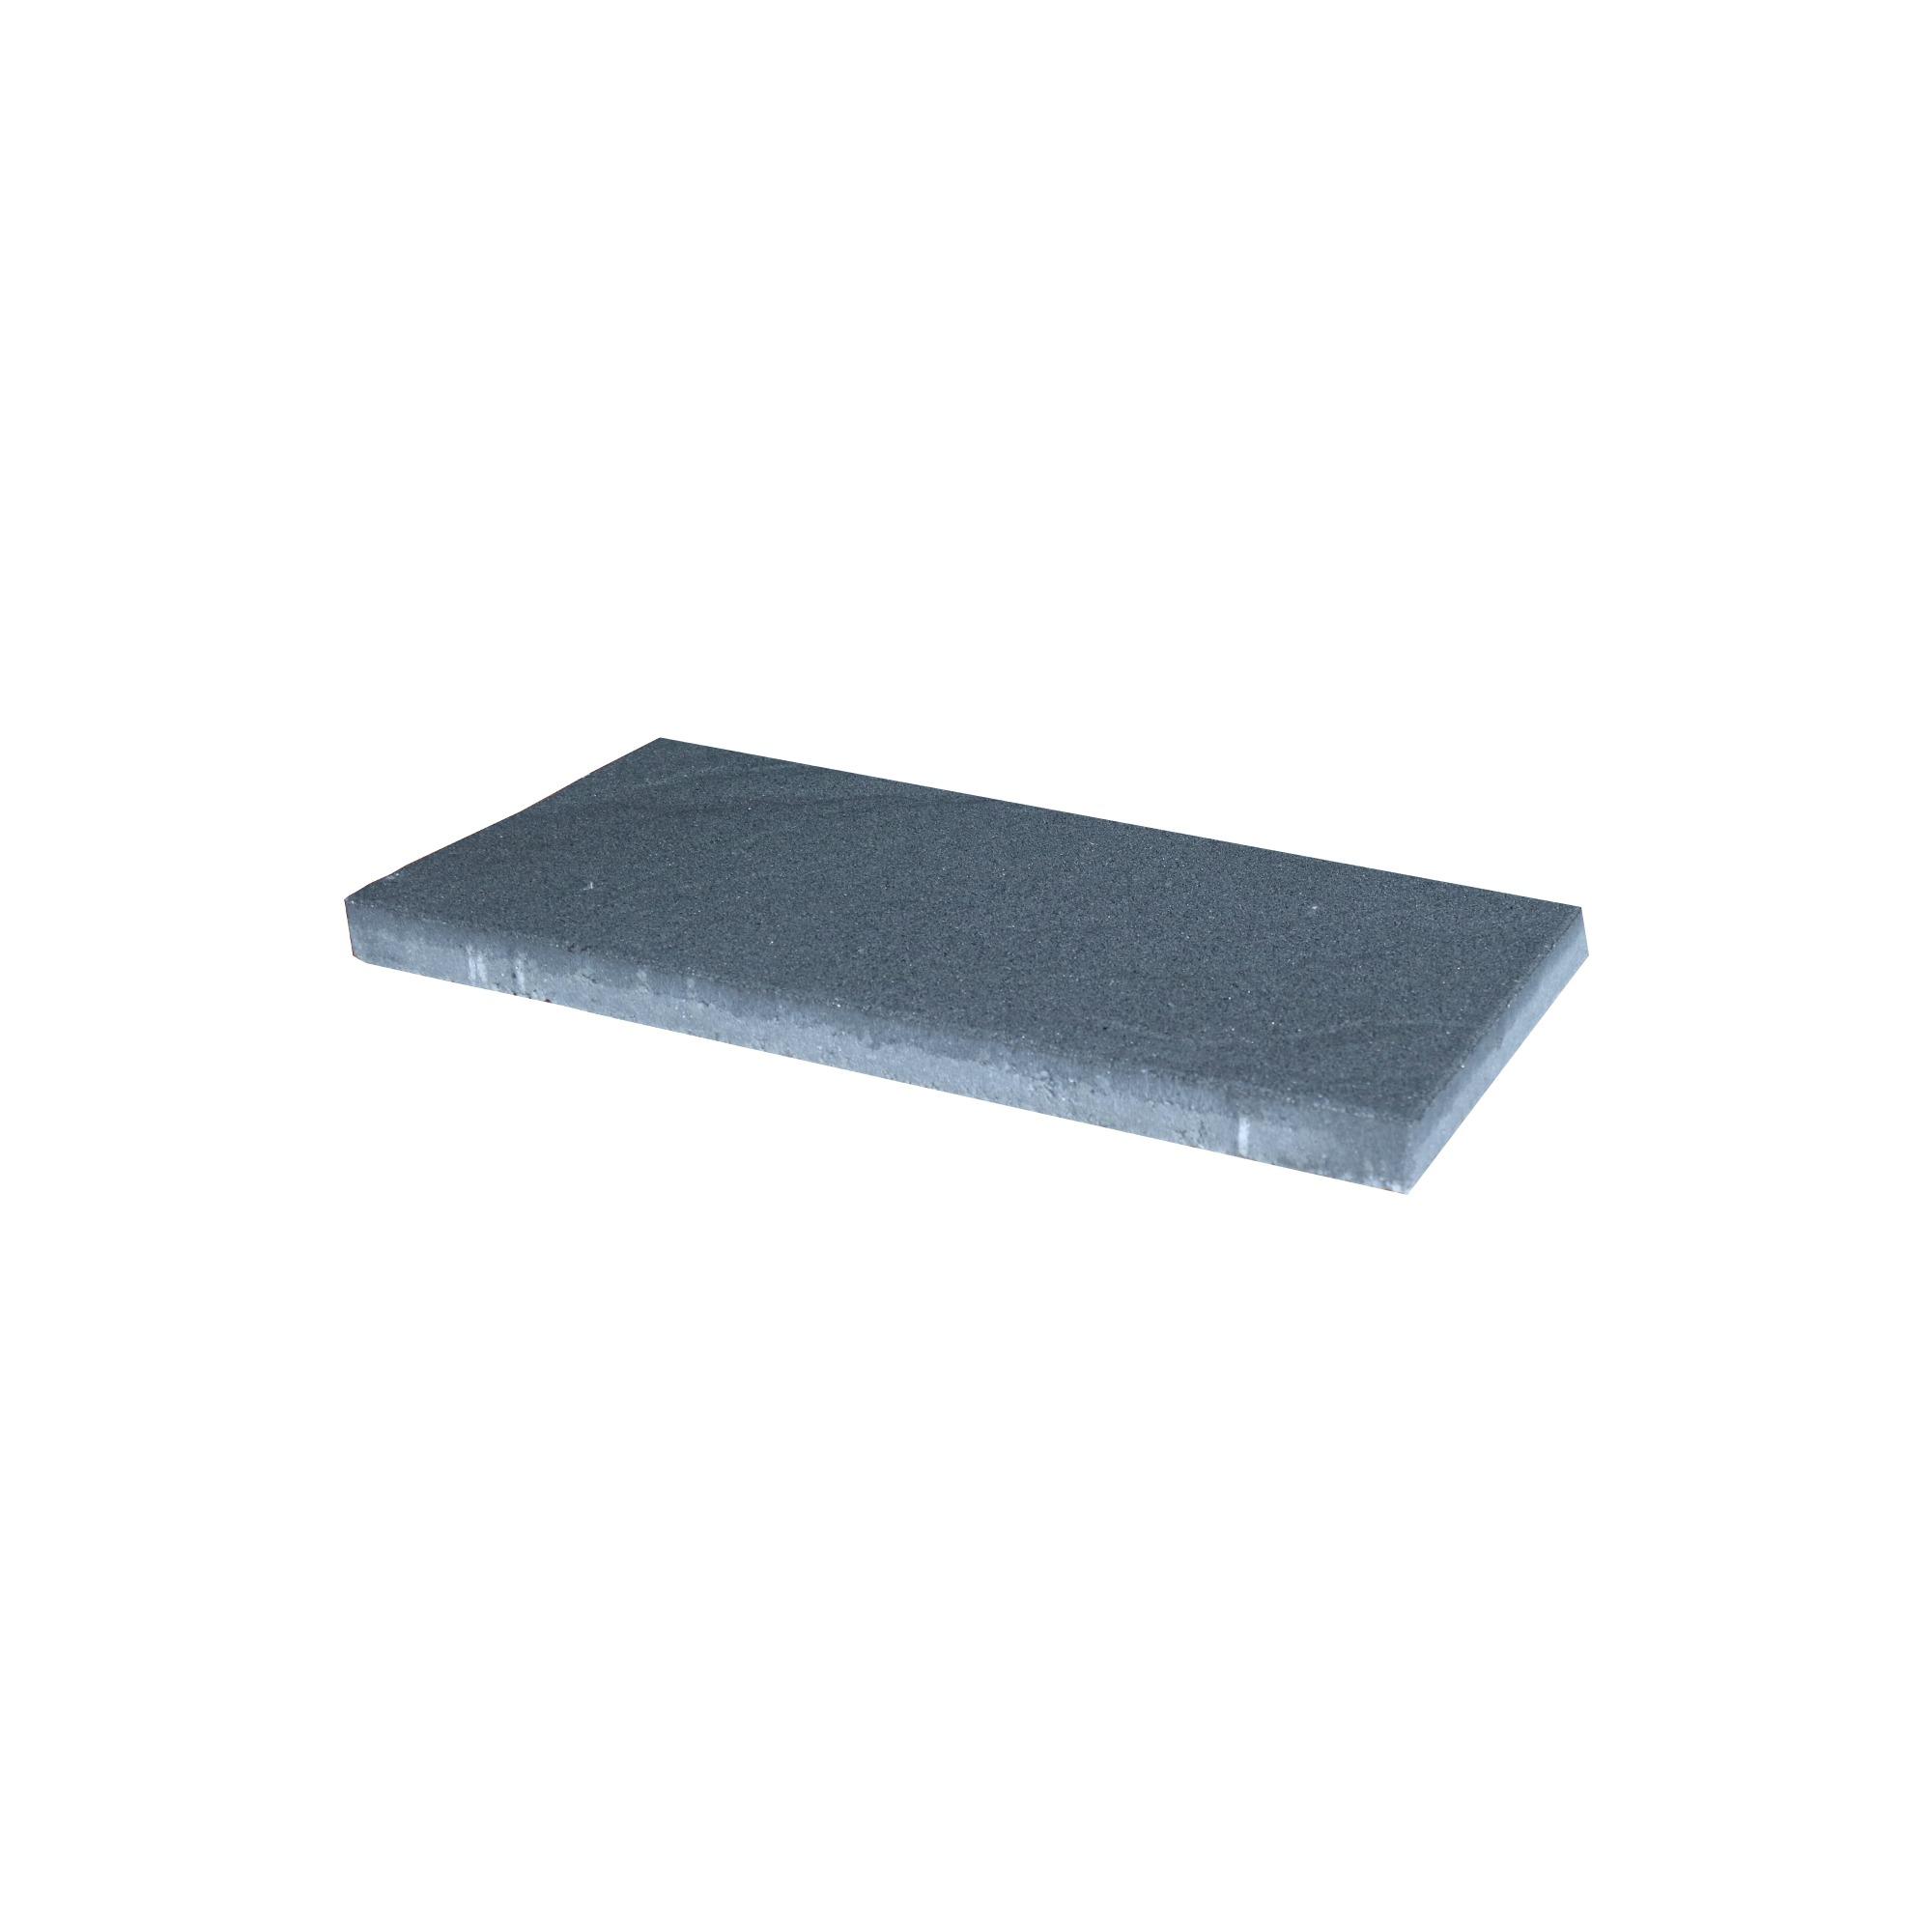 Terrastegel Beton Ardechio Zwart Nuance 60x30 cm 72 Tegels-12,96 m2